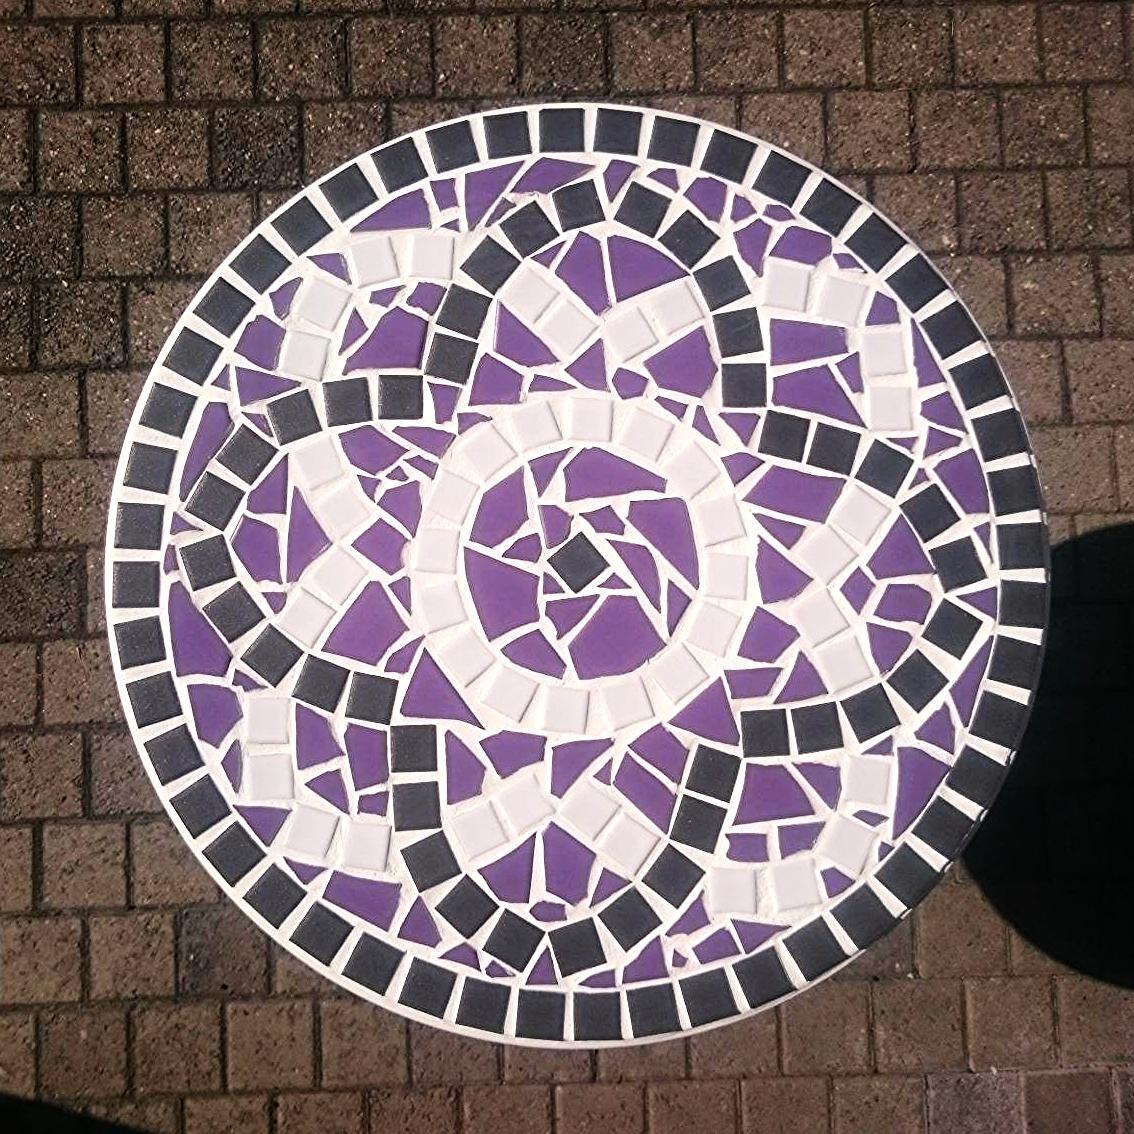 Mosaiktisch mit individuell gewähltem Muster und Farbkombination